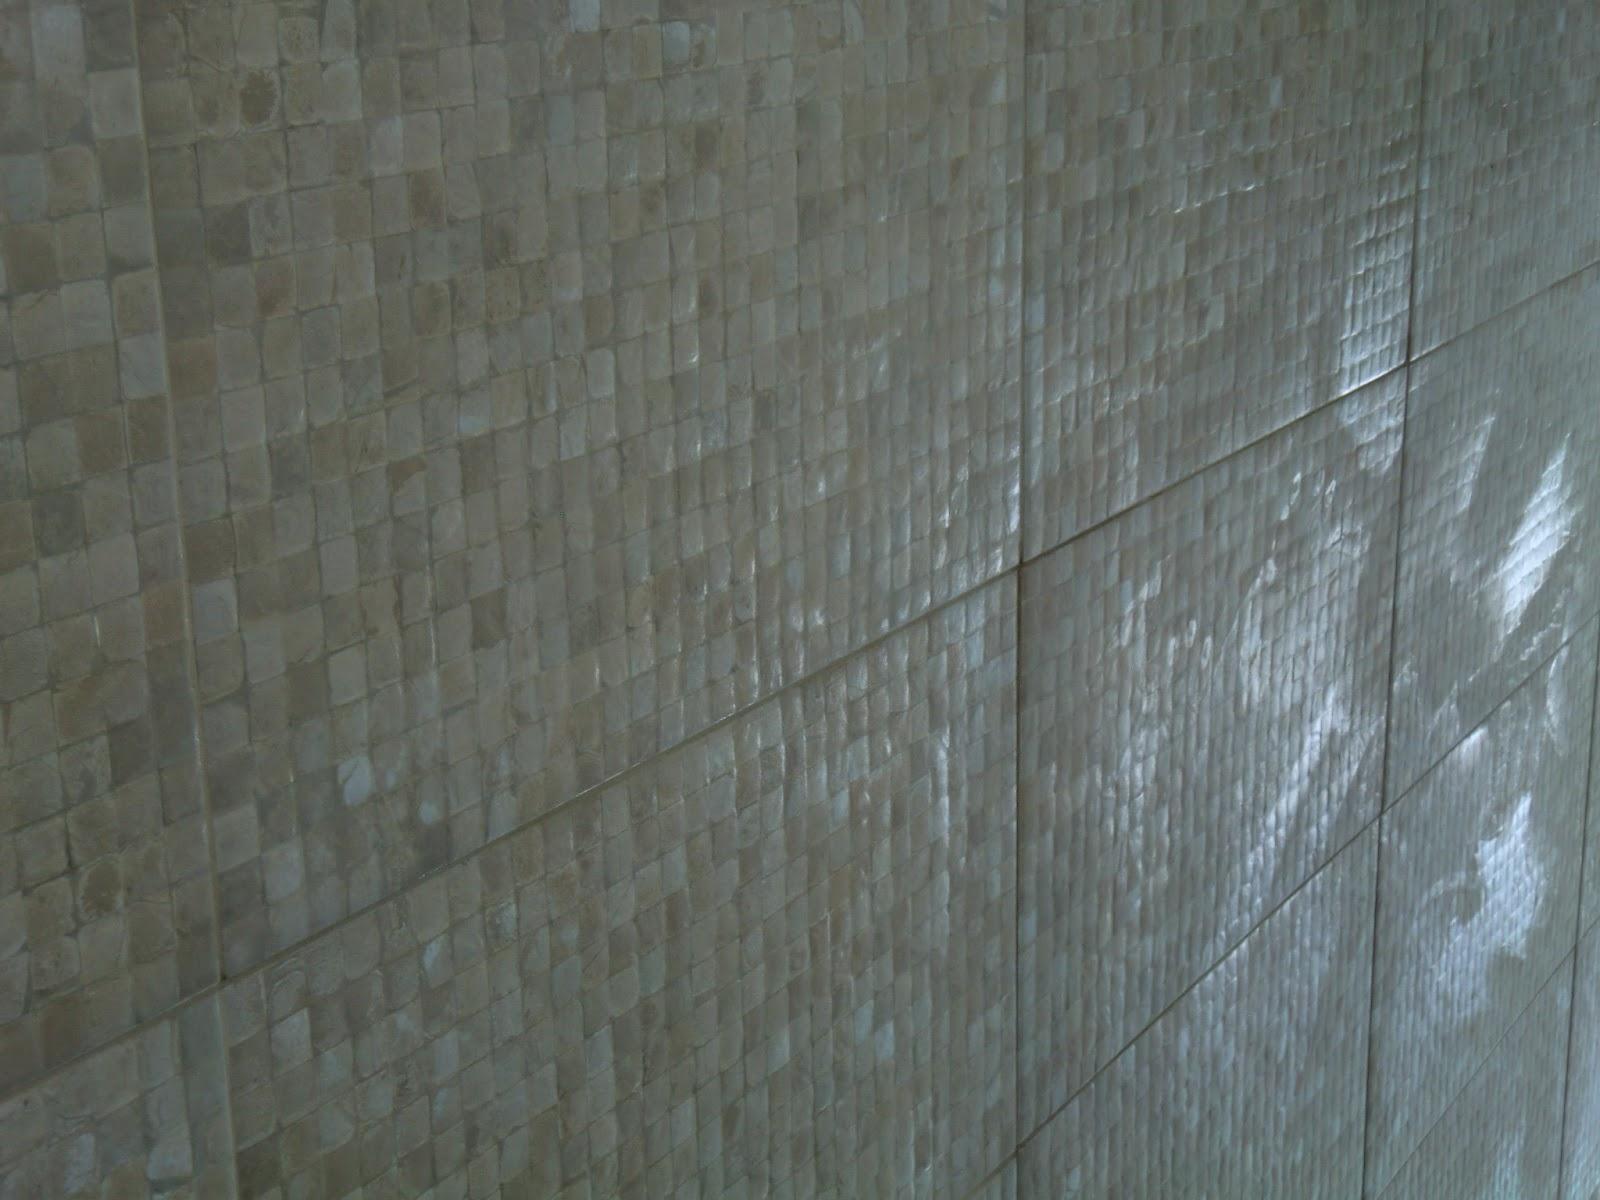 revestimento que imita pastilha de coco em bege claro Casa e Reforma #3C688F 1600x1200 Banheiro Com Azulejo Que Imita Pastilha